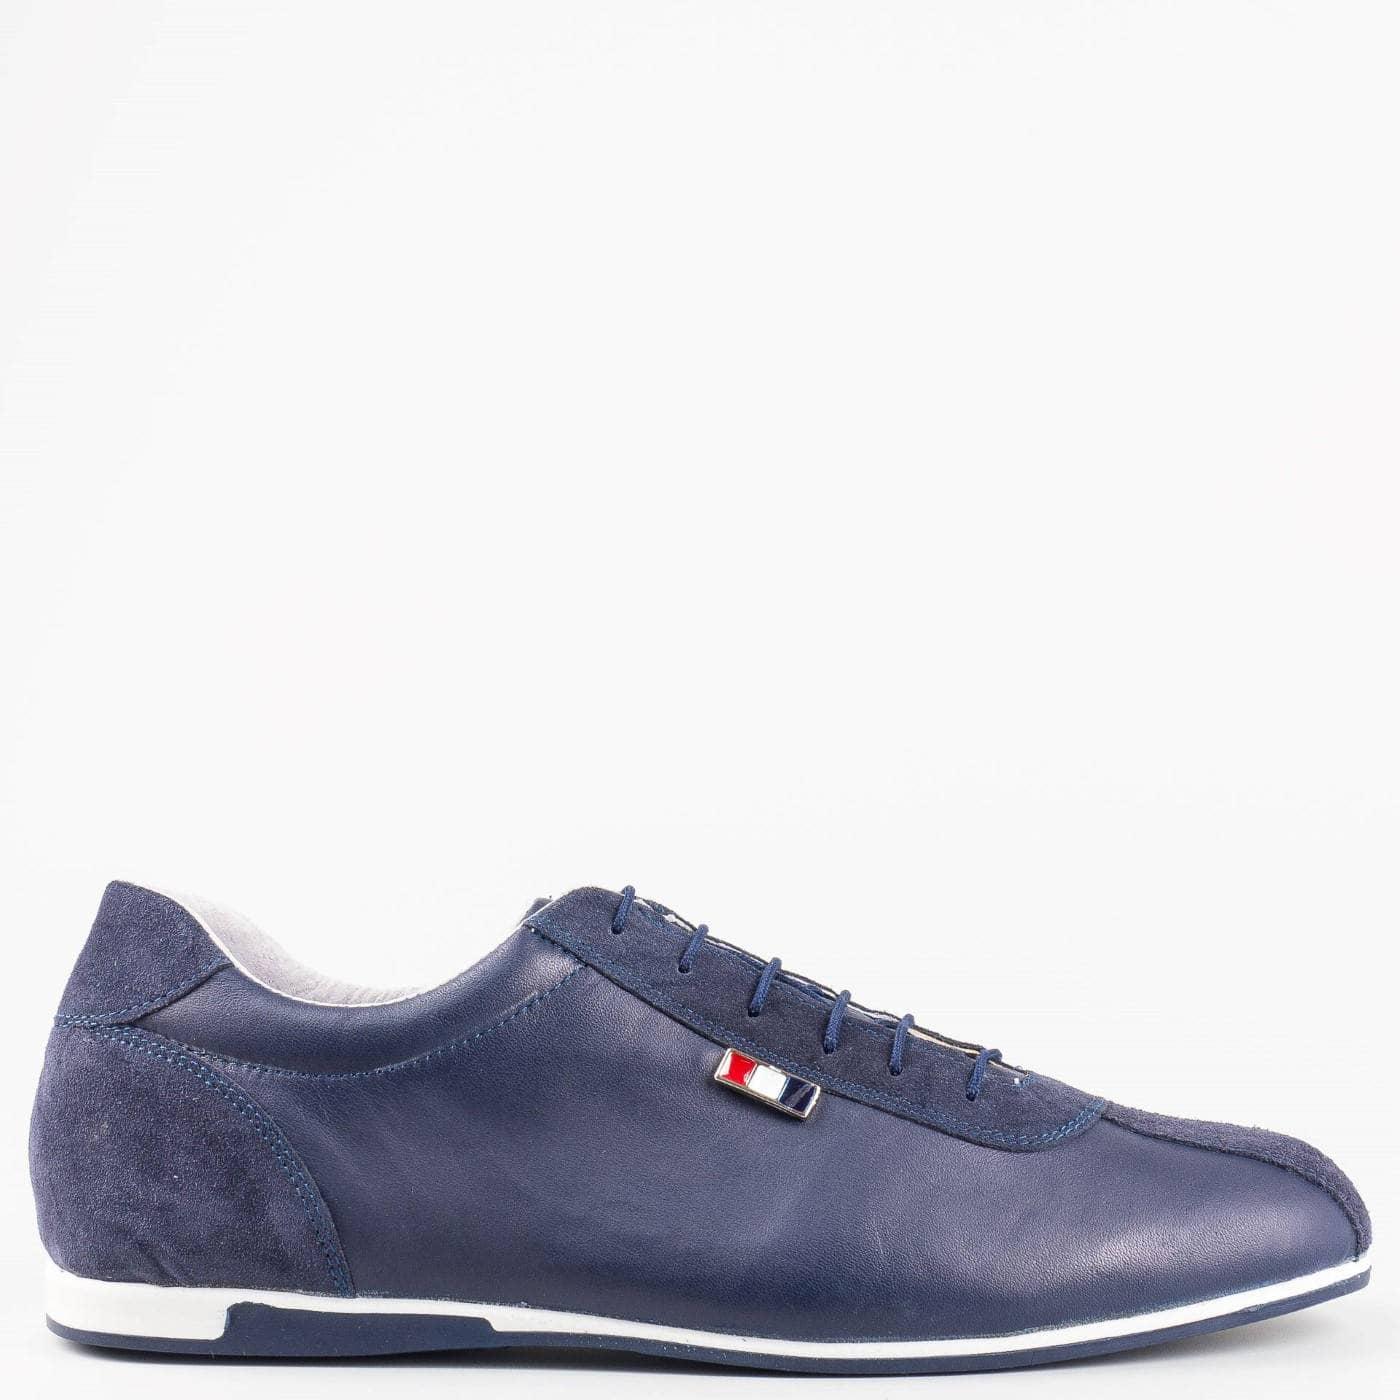 2cd0d9680ad Атрактивни мъжки обувки от естествена кожа на български производител  52901305s